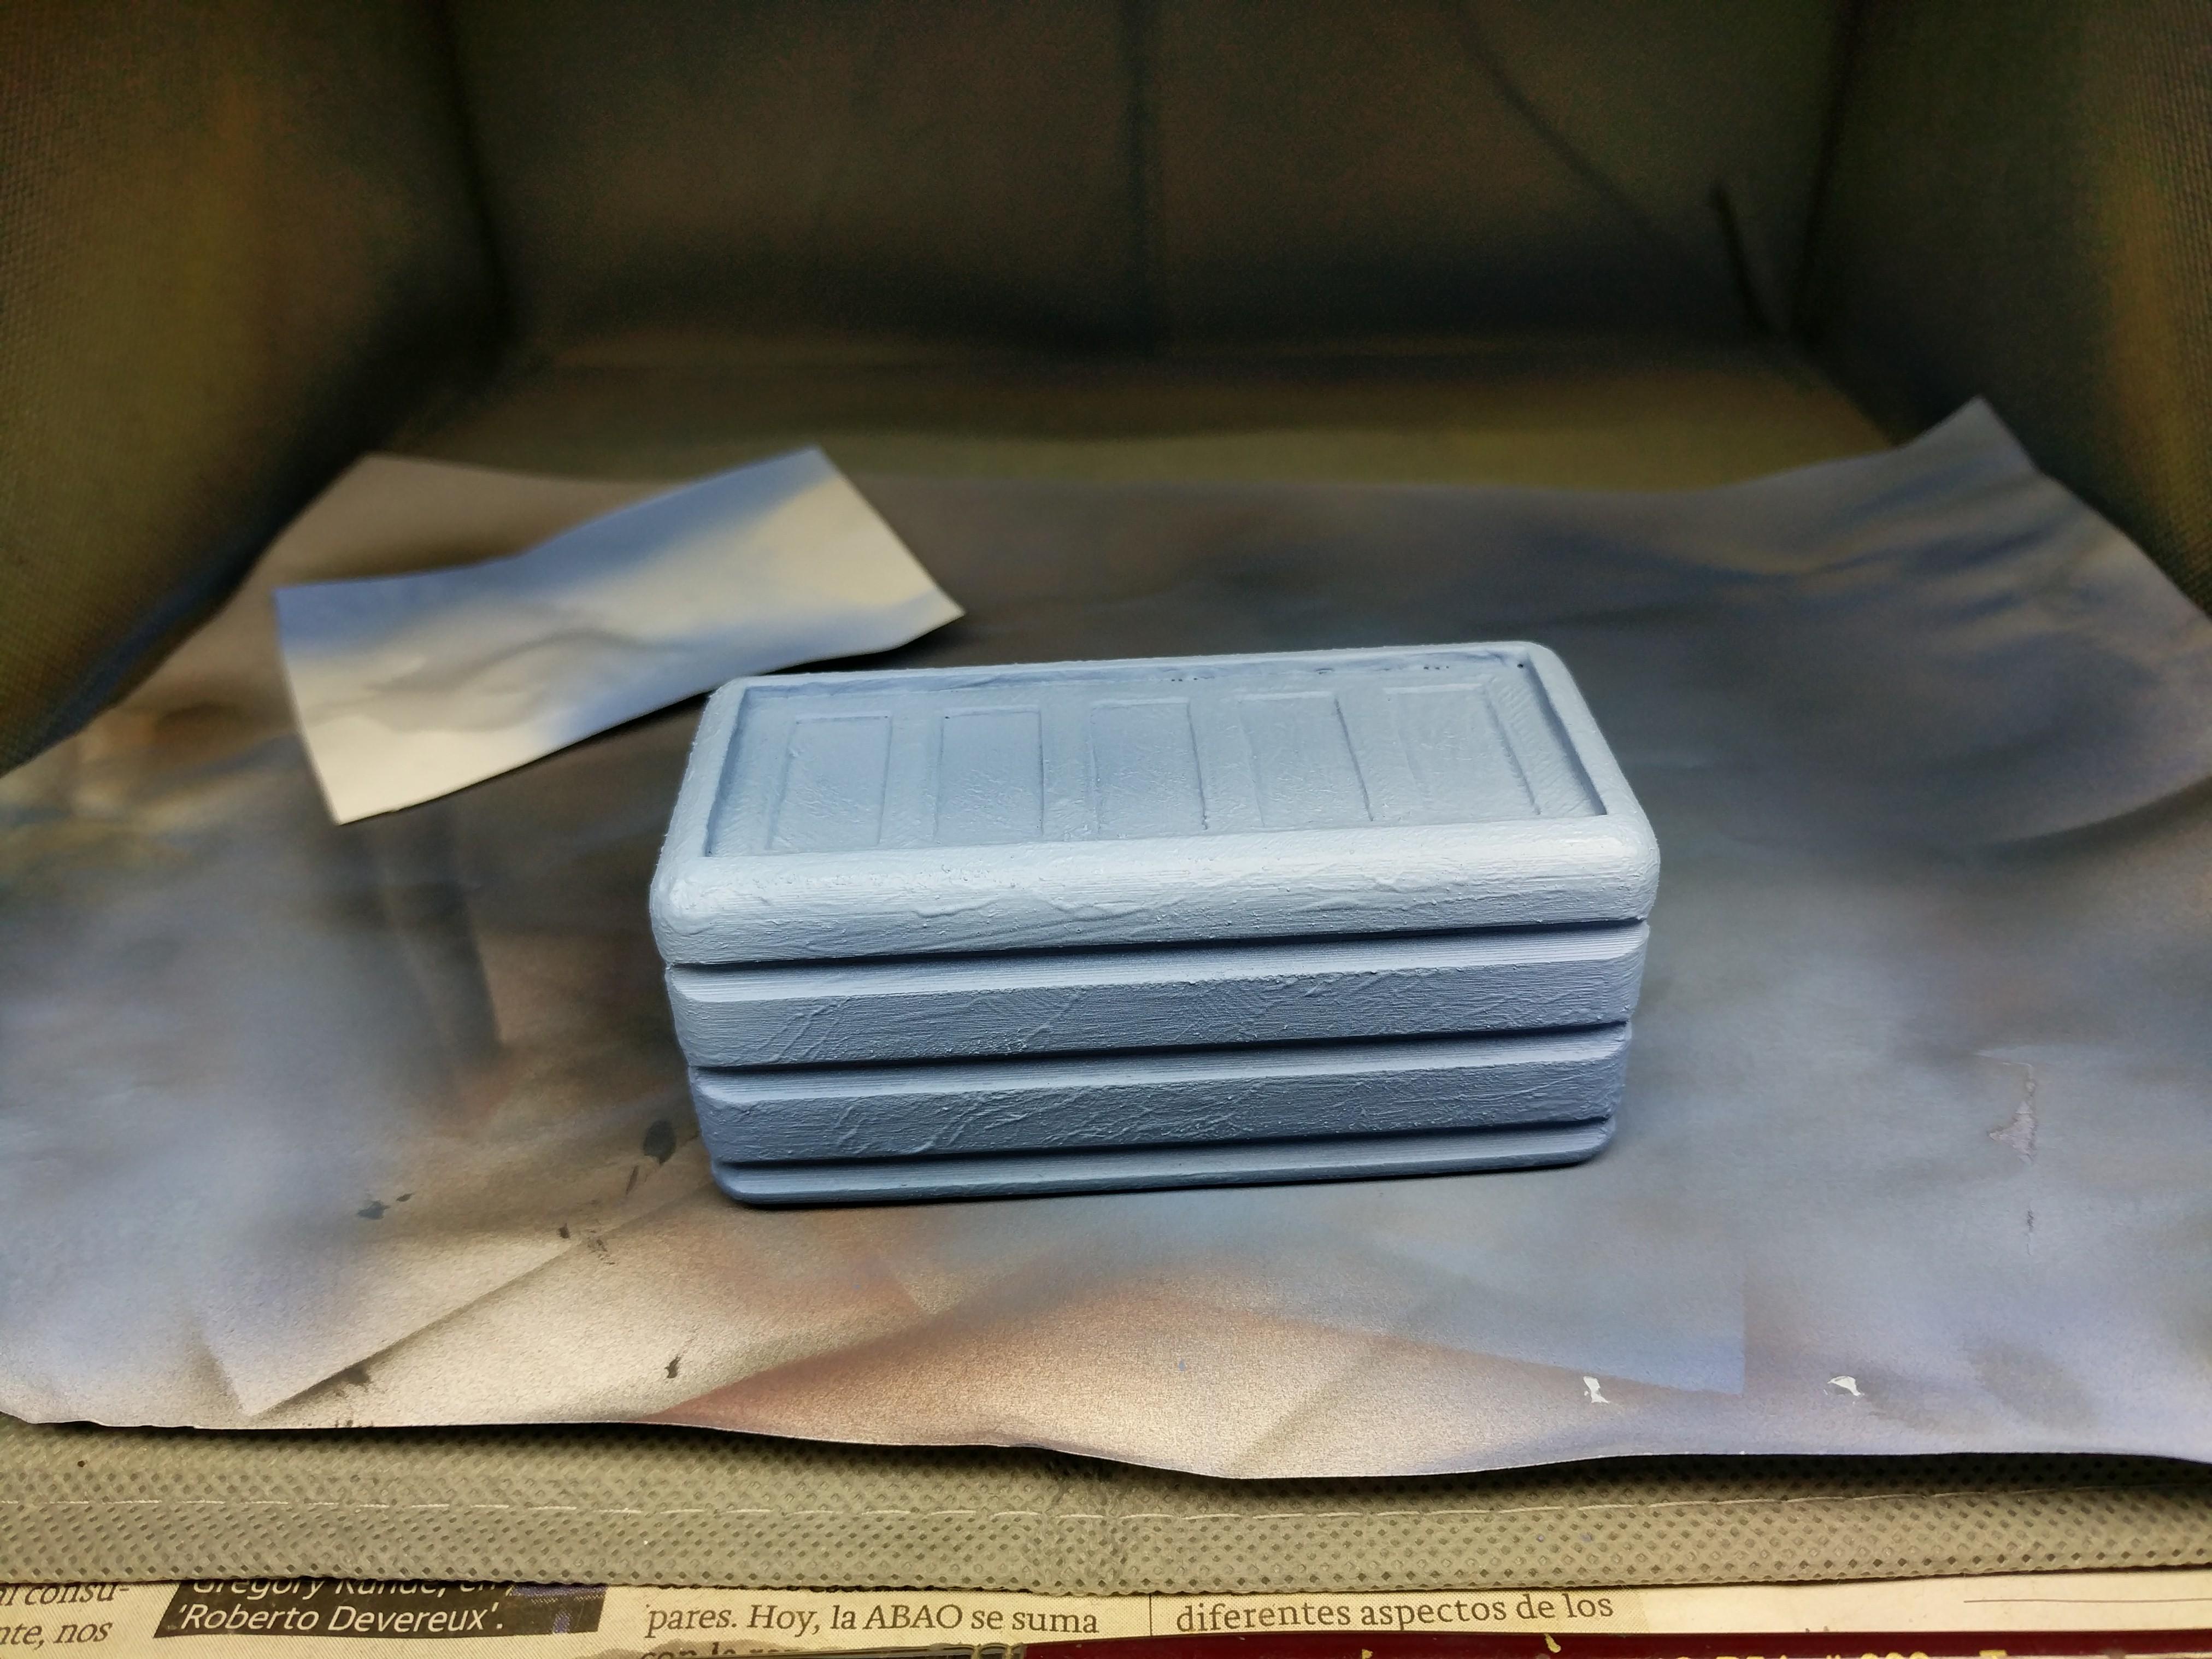 fec9d553d ... Aquí podéis ver otro ejemplo con un contenedor gris